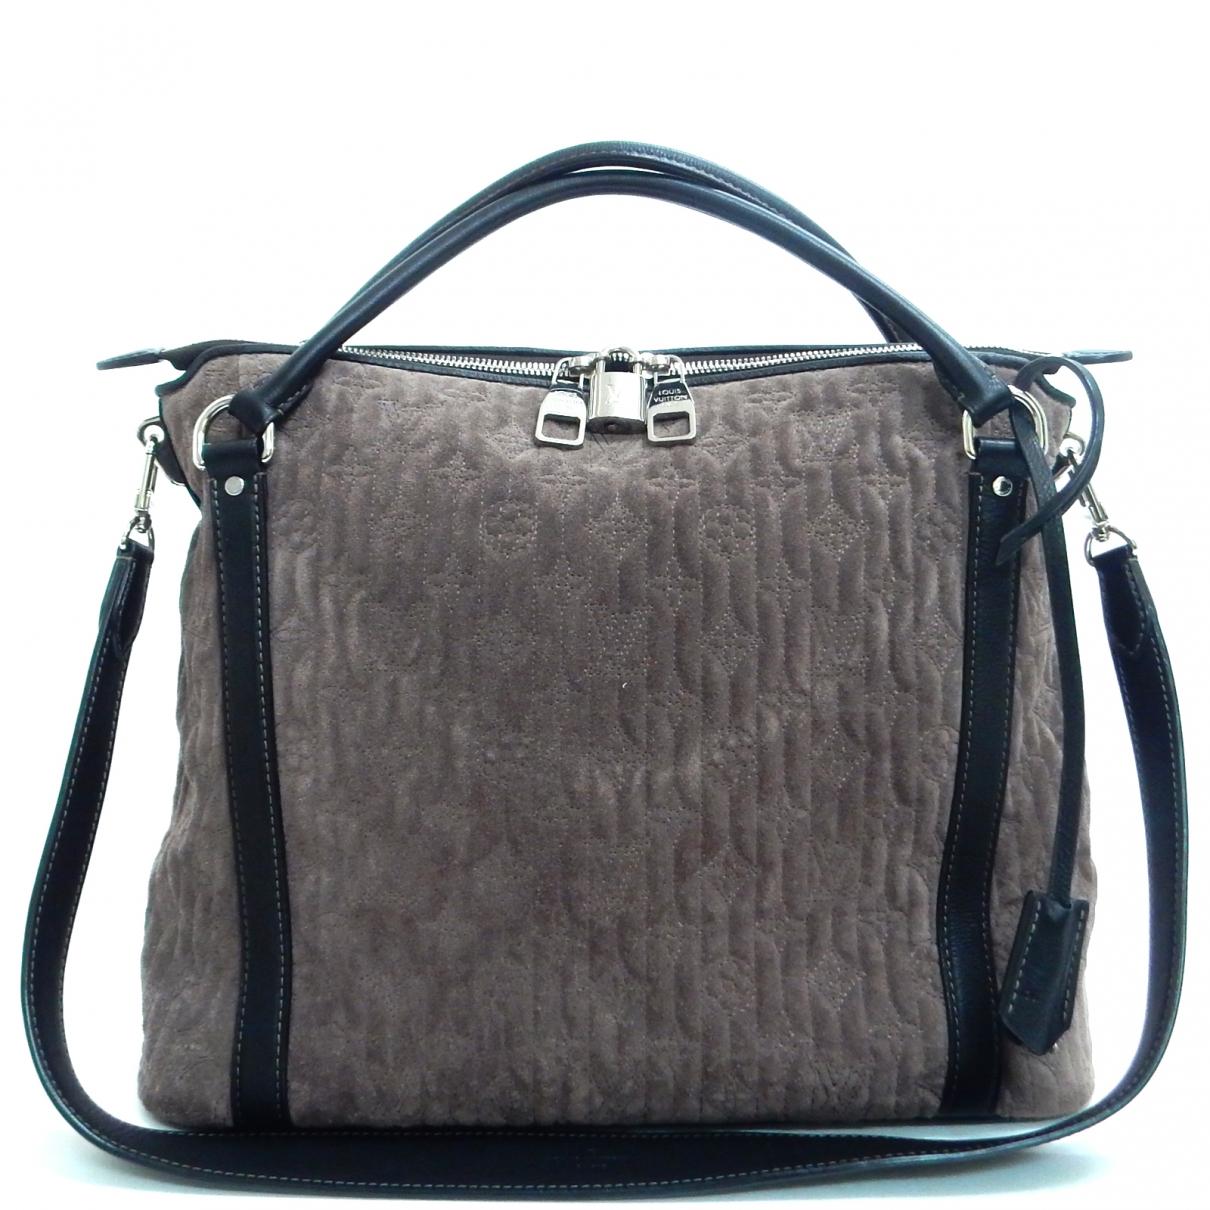 Louis Vuitton - Sac a main Antheia pour femme en suede - gris